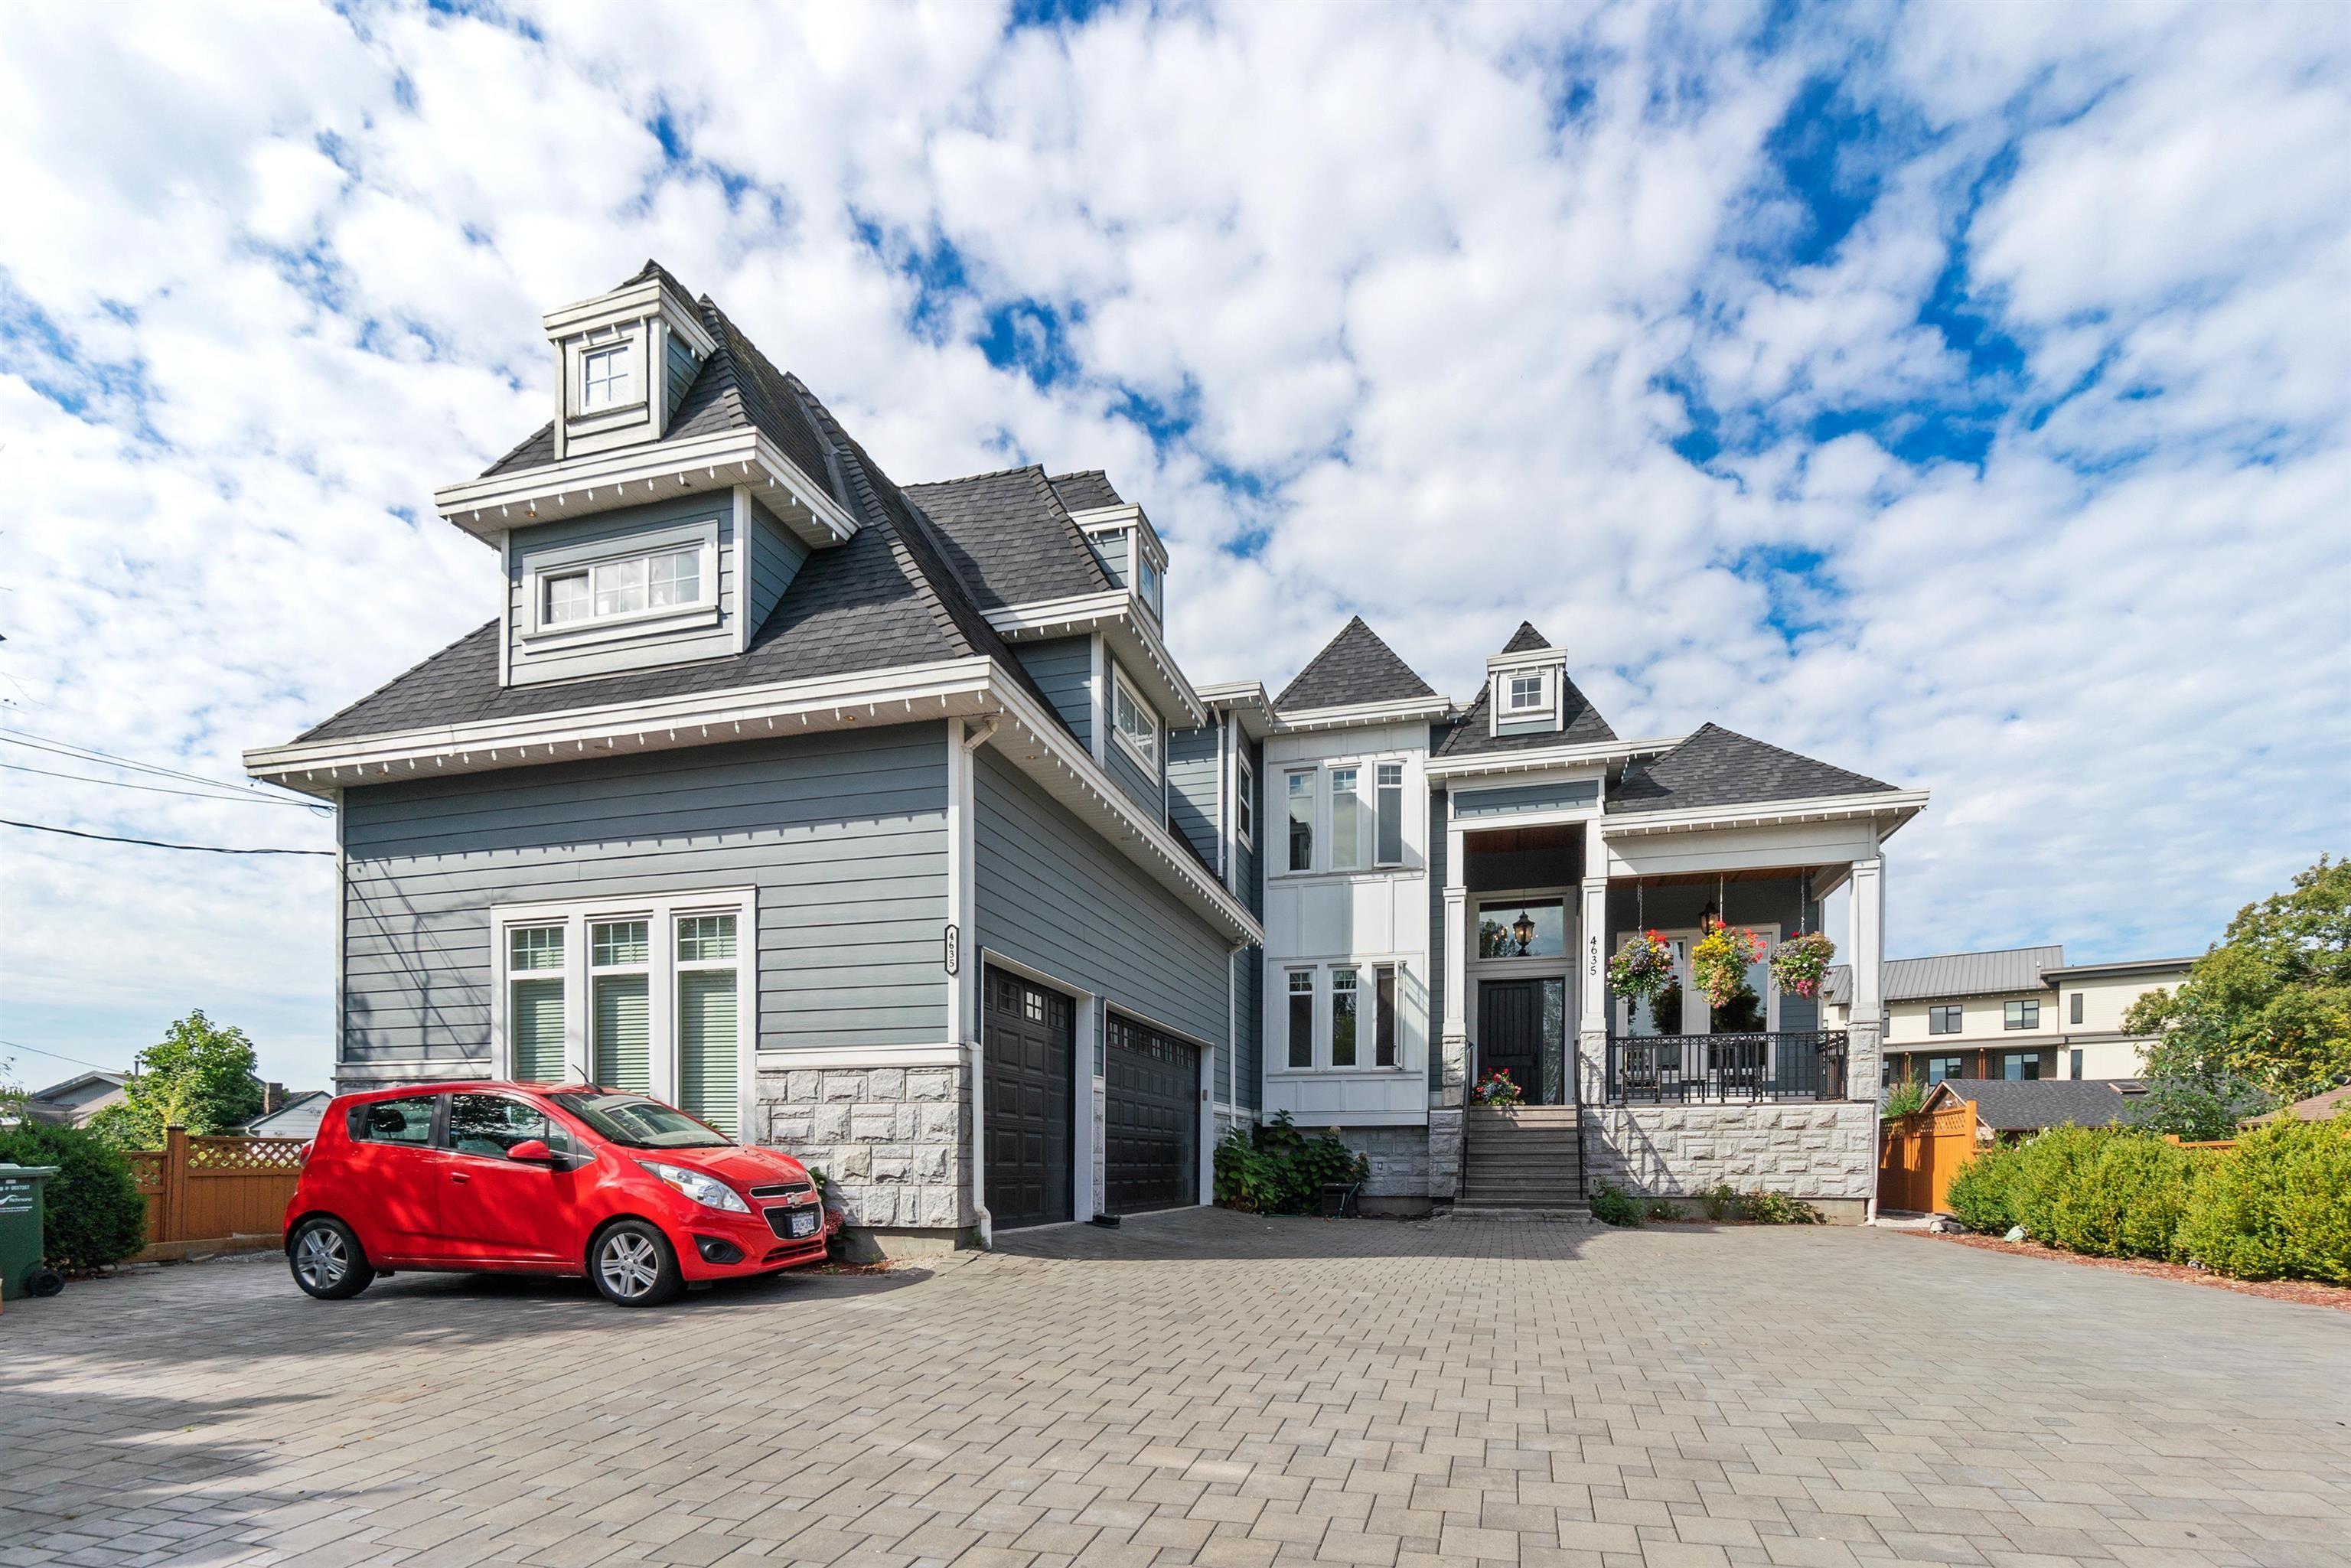 """Main Photo: 4635 SMITH Crescent in Richmond: Hamilton RI House for sale in """"Hamilton"""" : MLS®# R2617146"""